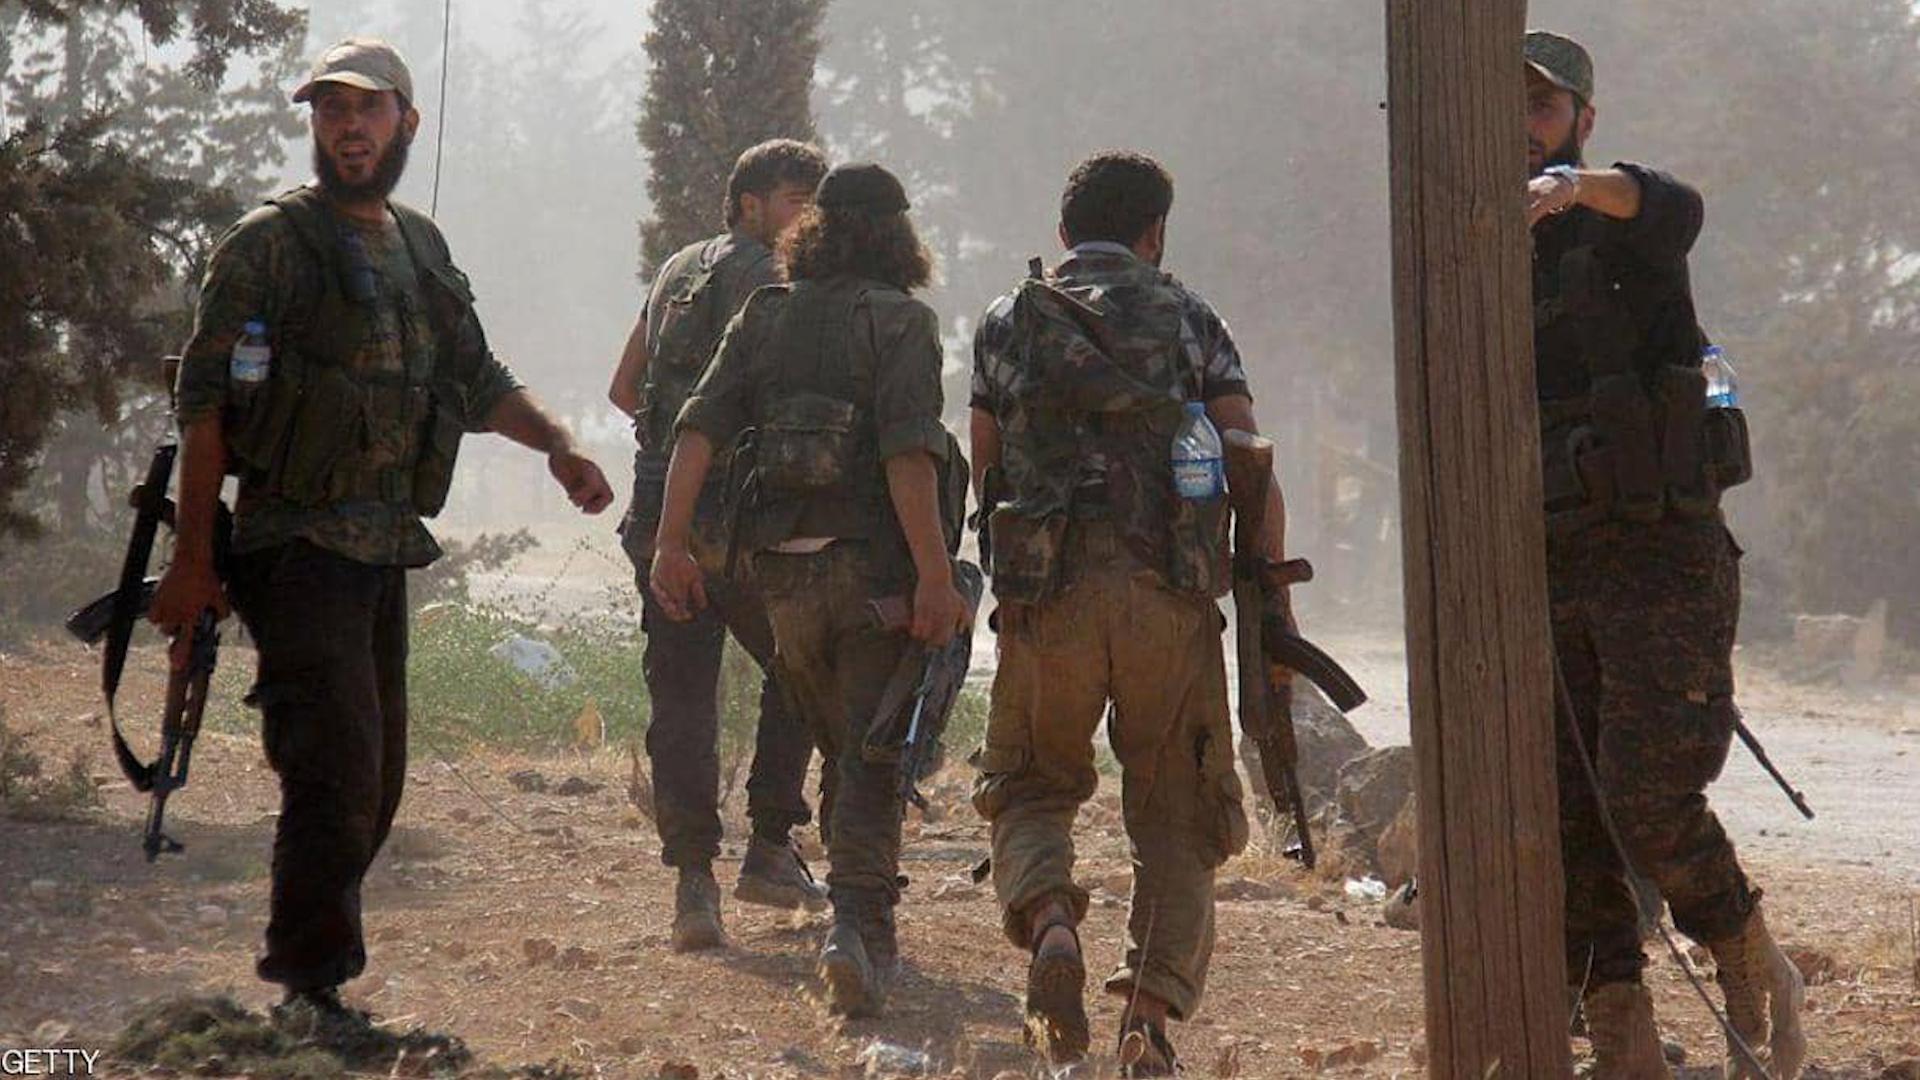 صورة تقرير أمريكي يفضح دعم تركيا للإرهاب في سوريا تحت ستار العمل الإنساني